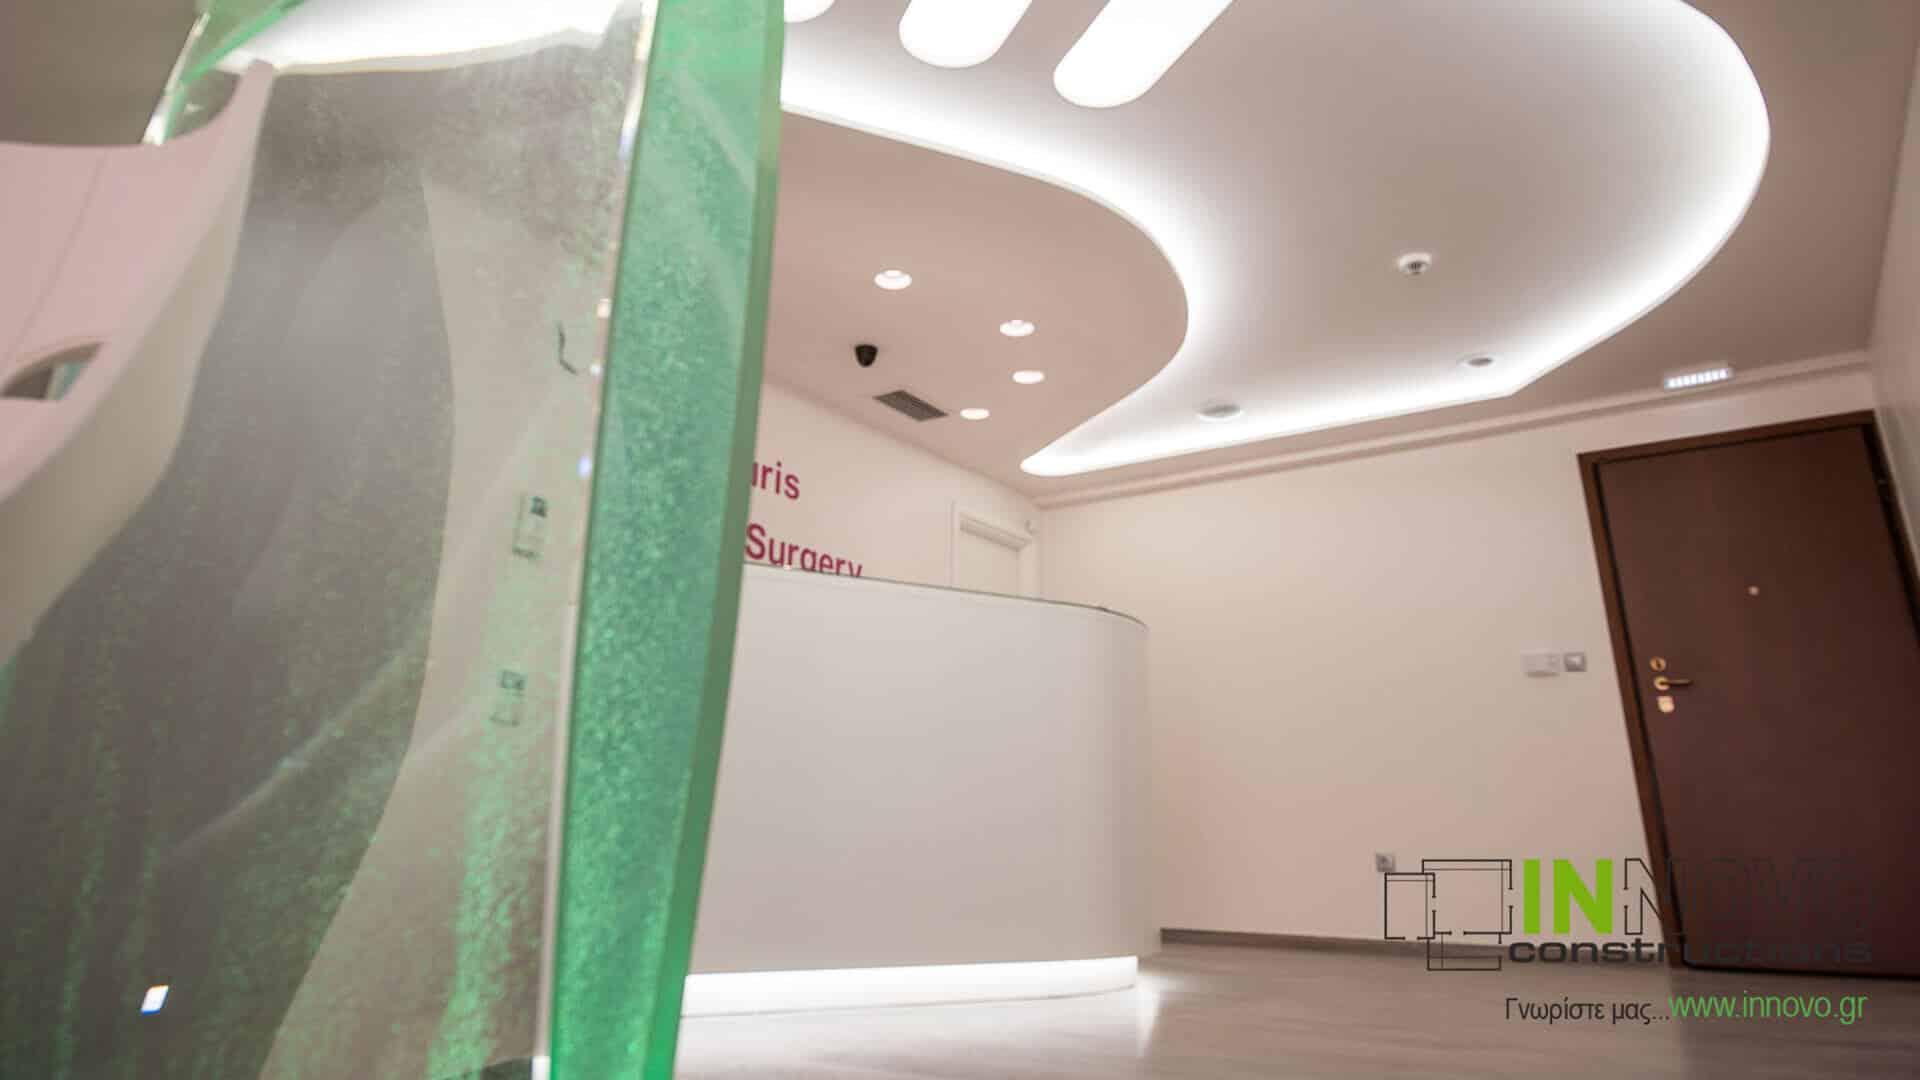 Ανακαίνιση διακόσμηση Ιατρείου Πλαστικής Χειρουργικής στην Τρίπολη